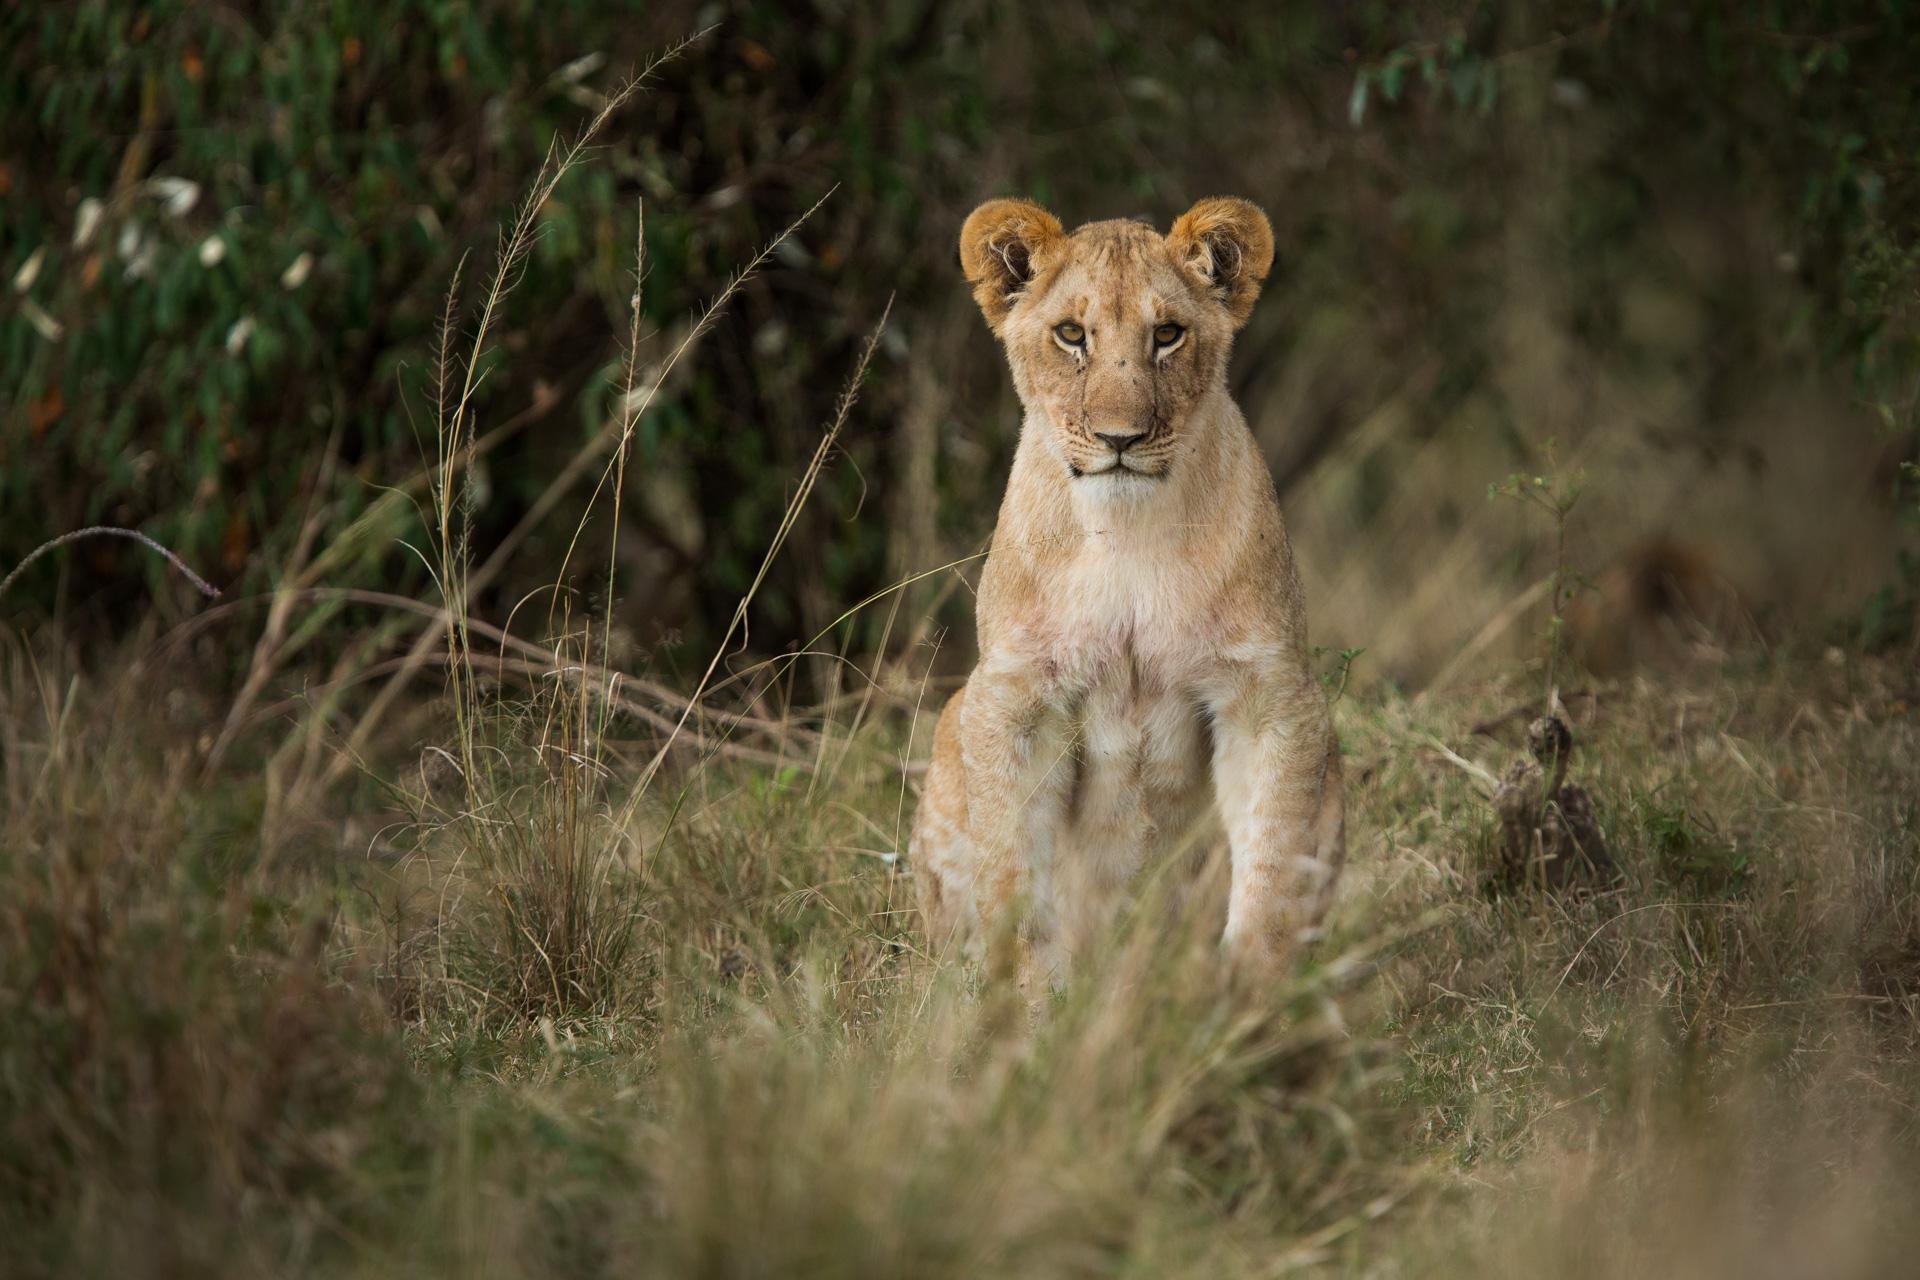 lion cub sitting